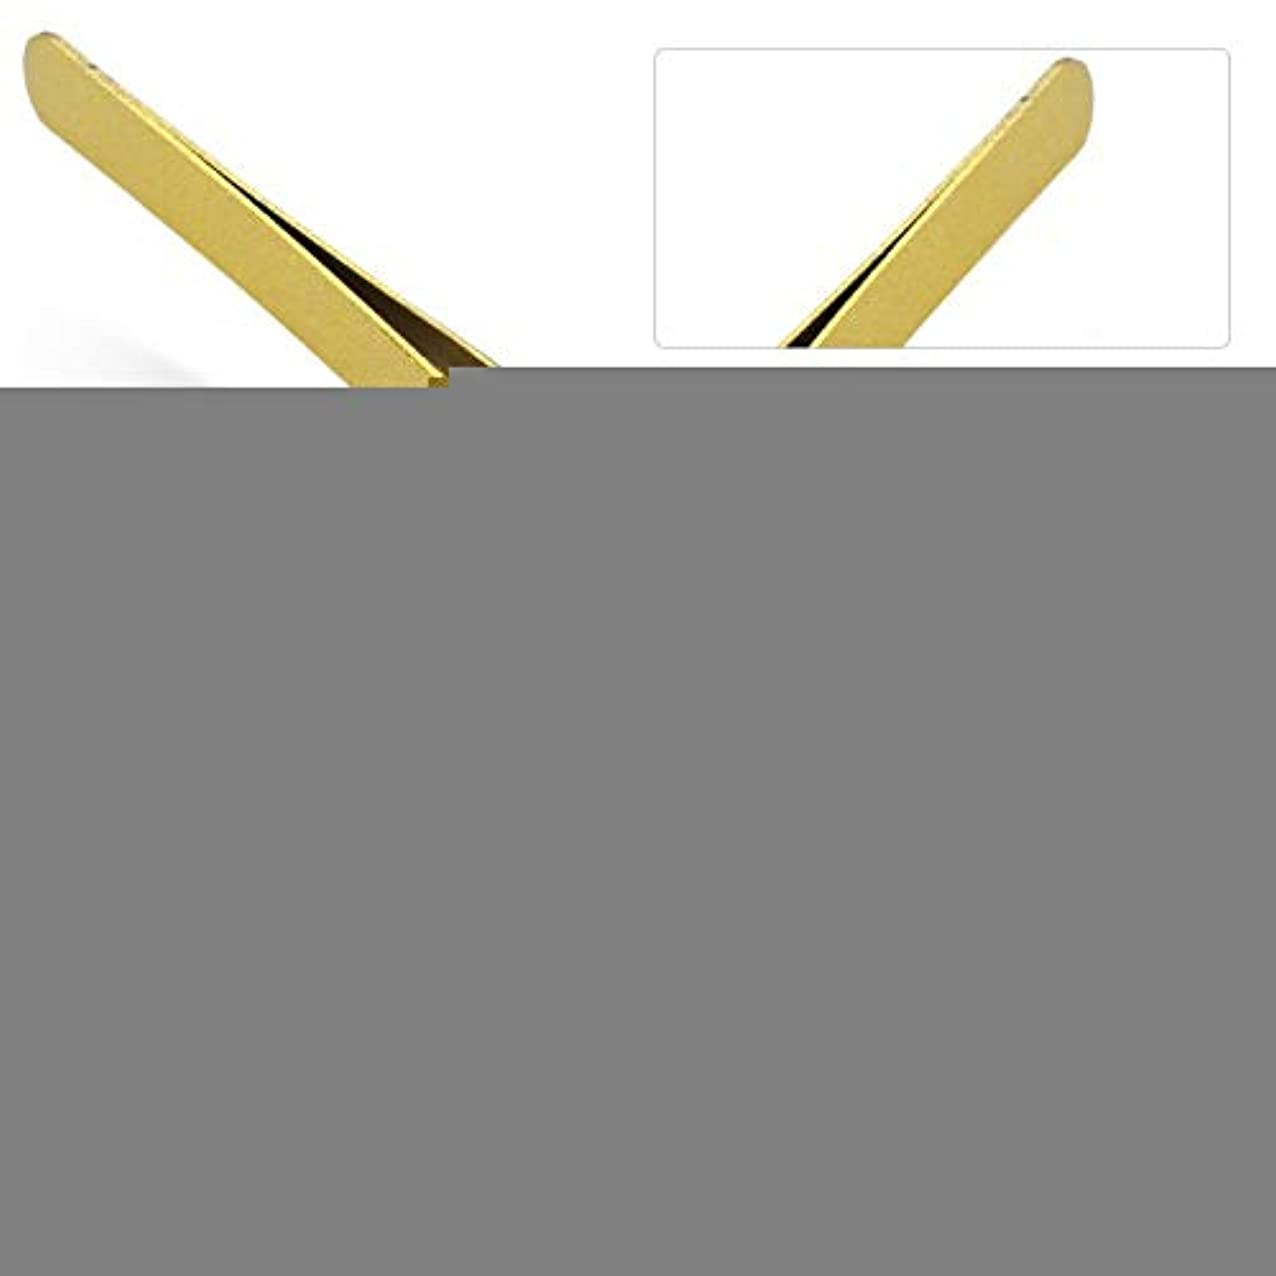 放射する王位不一致まつげエクステンションの偽まつげのグラフトのための専門のステンレス鋼ピンセット(# 2)